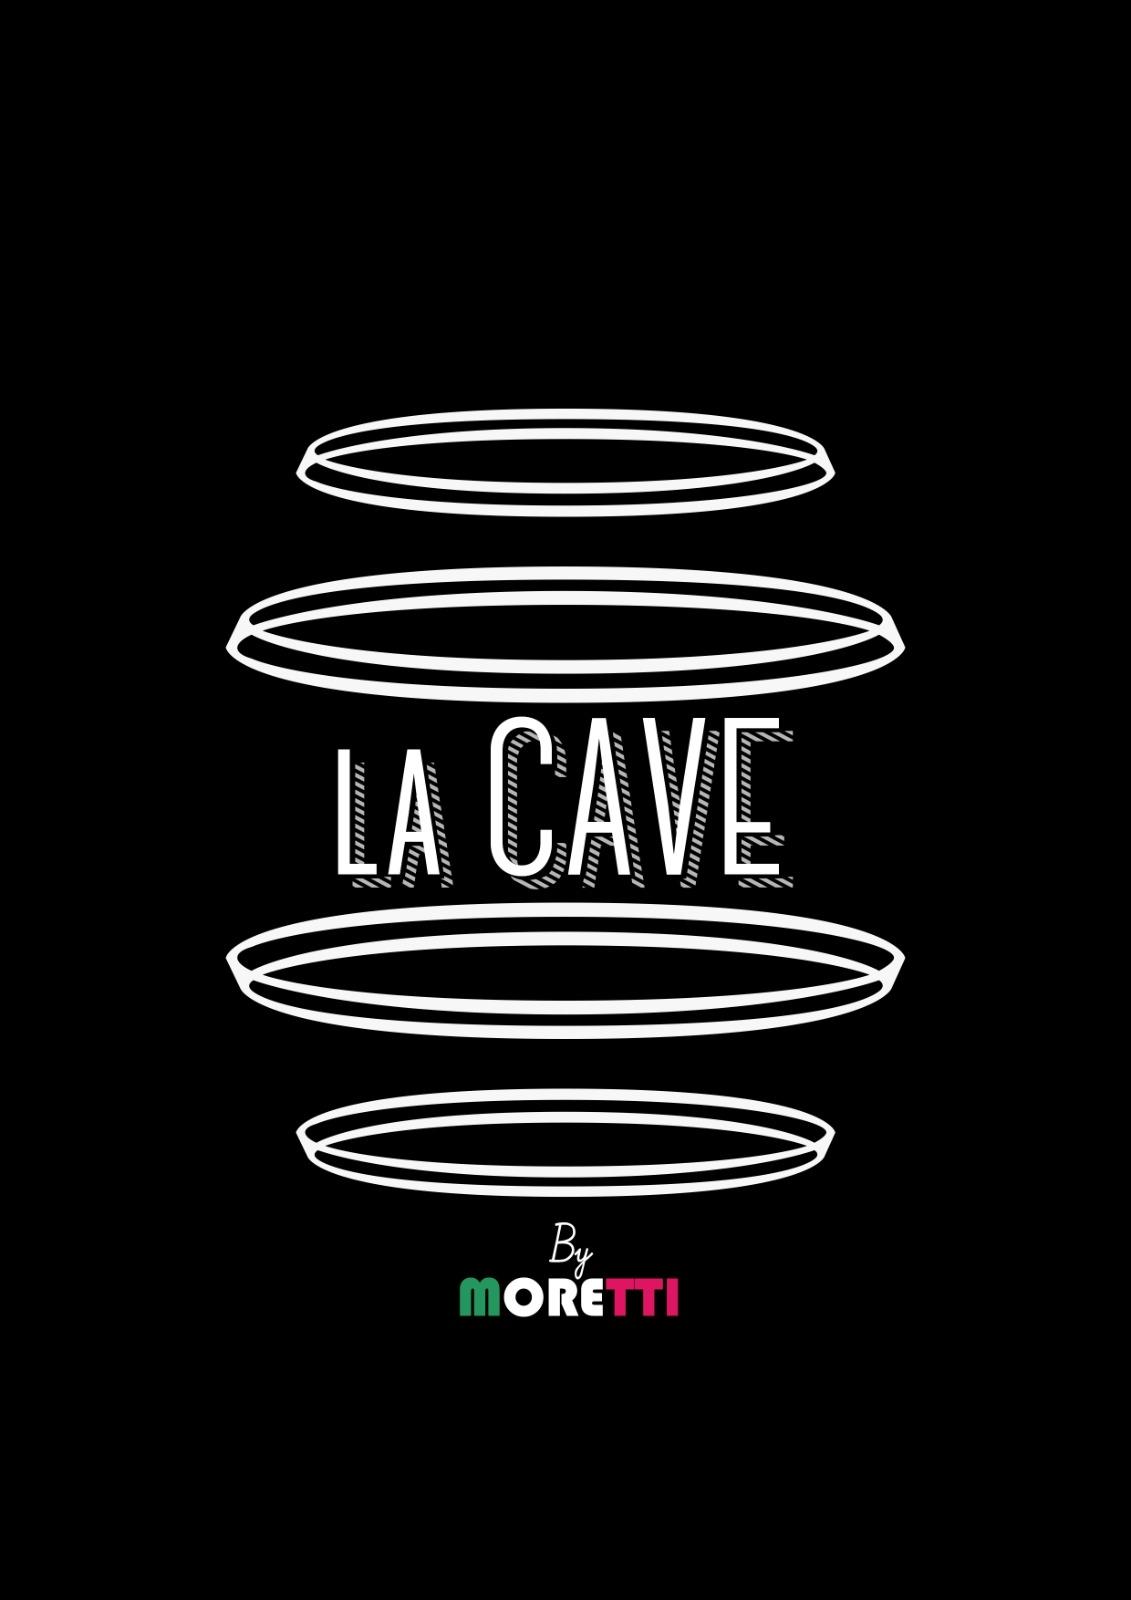 Logo La Cave by Moretti